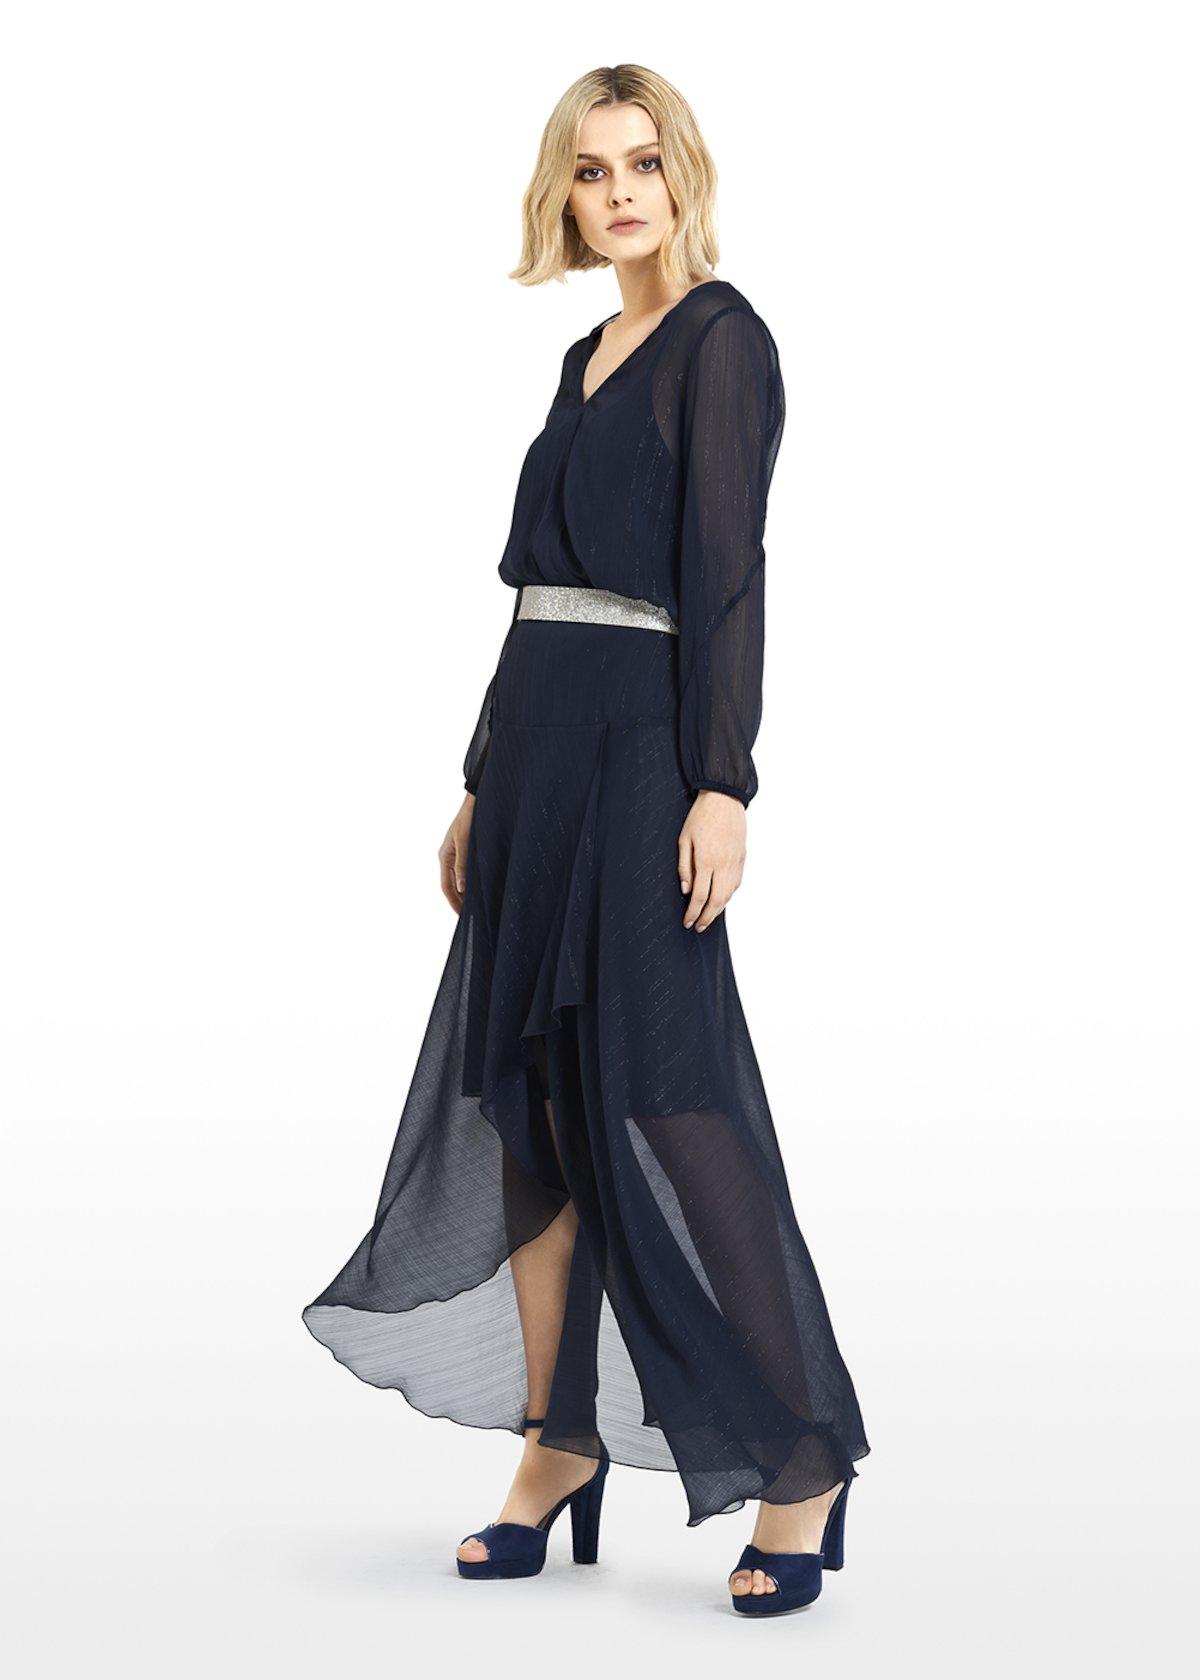 Blusa Carolina stripes lurex effect - Dark Blue - Donna